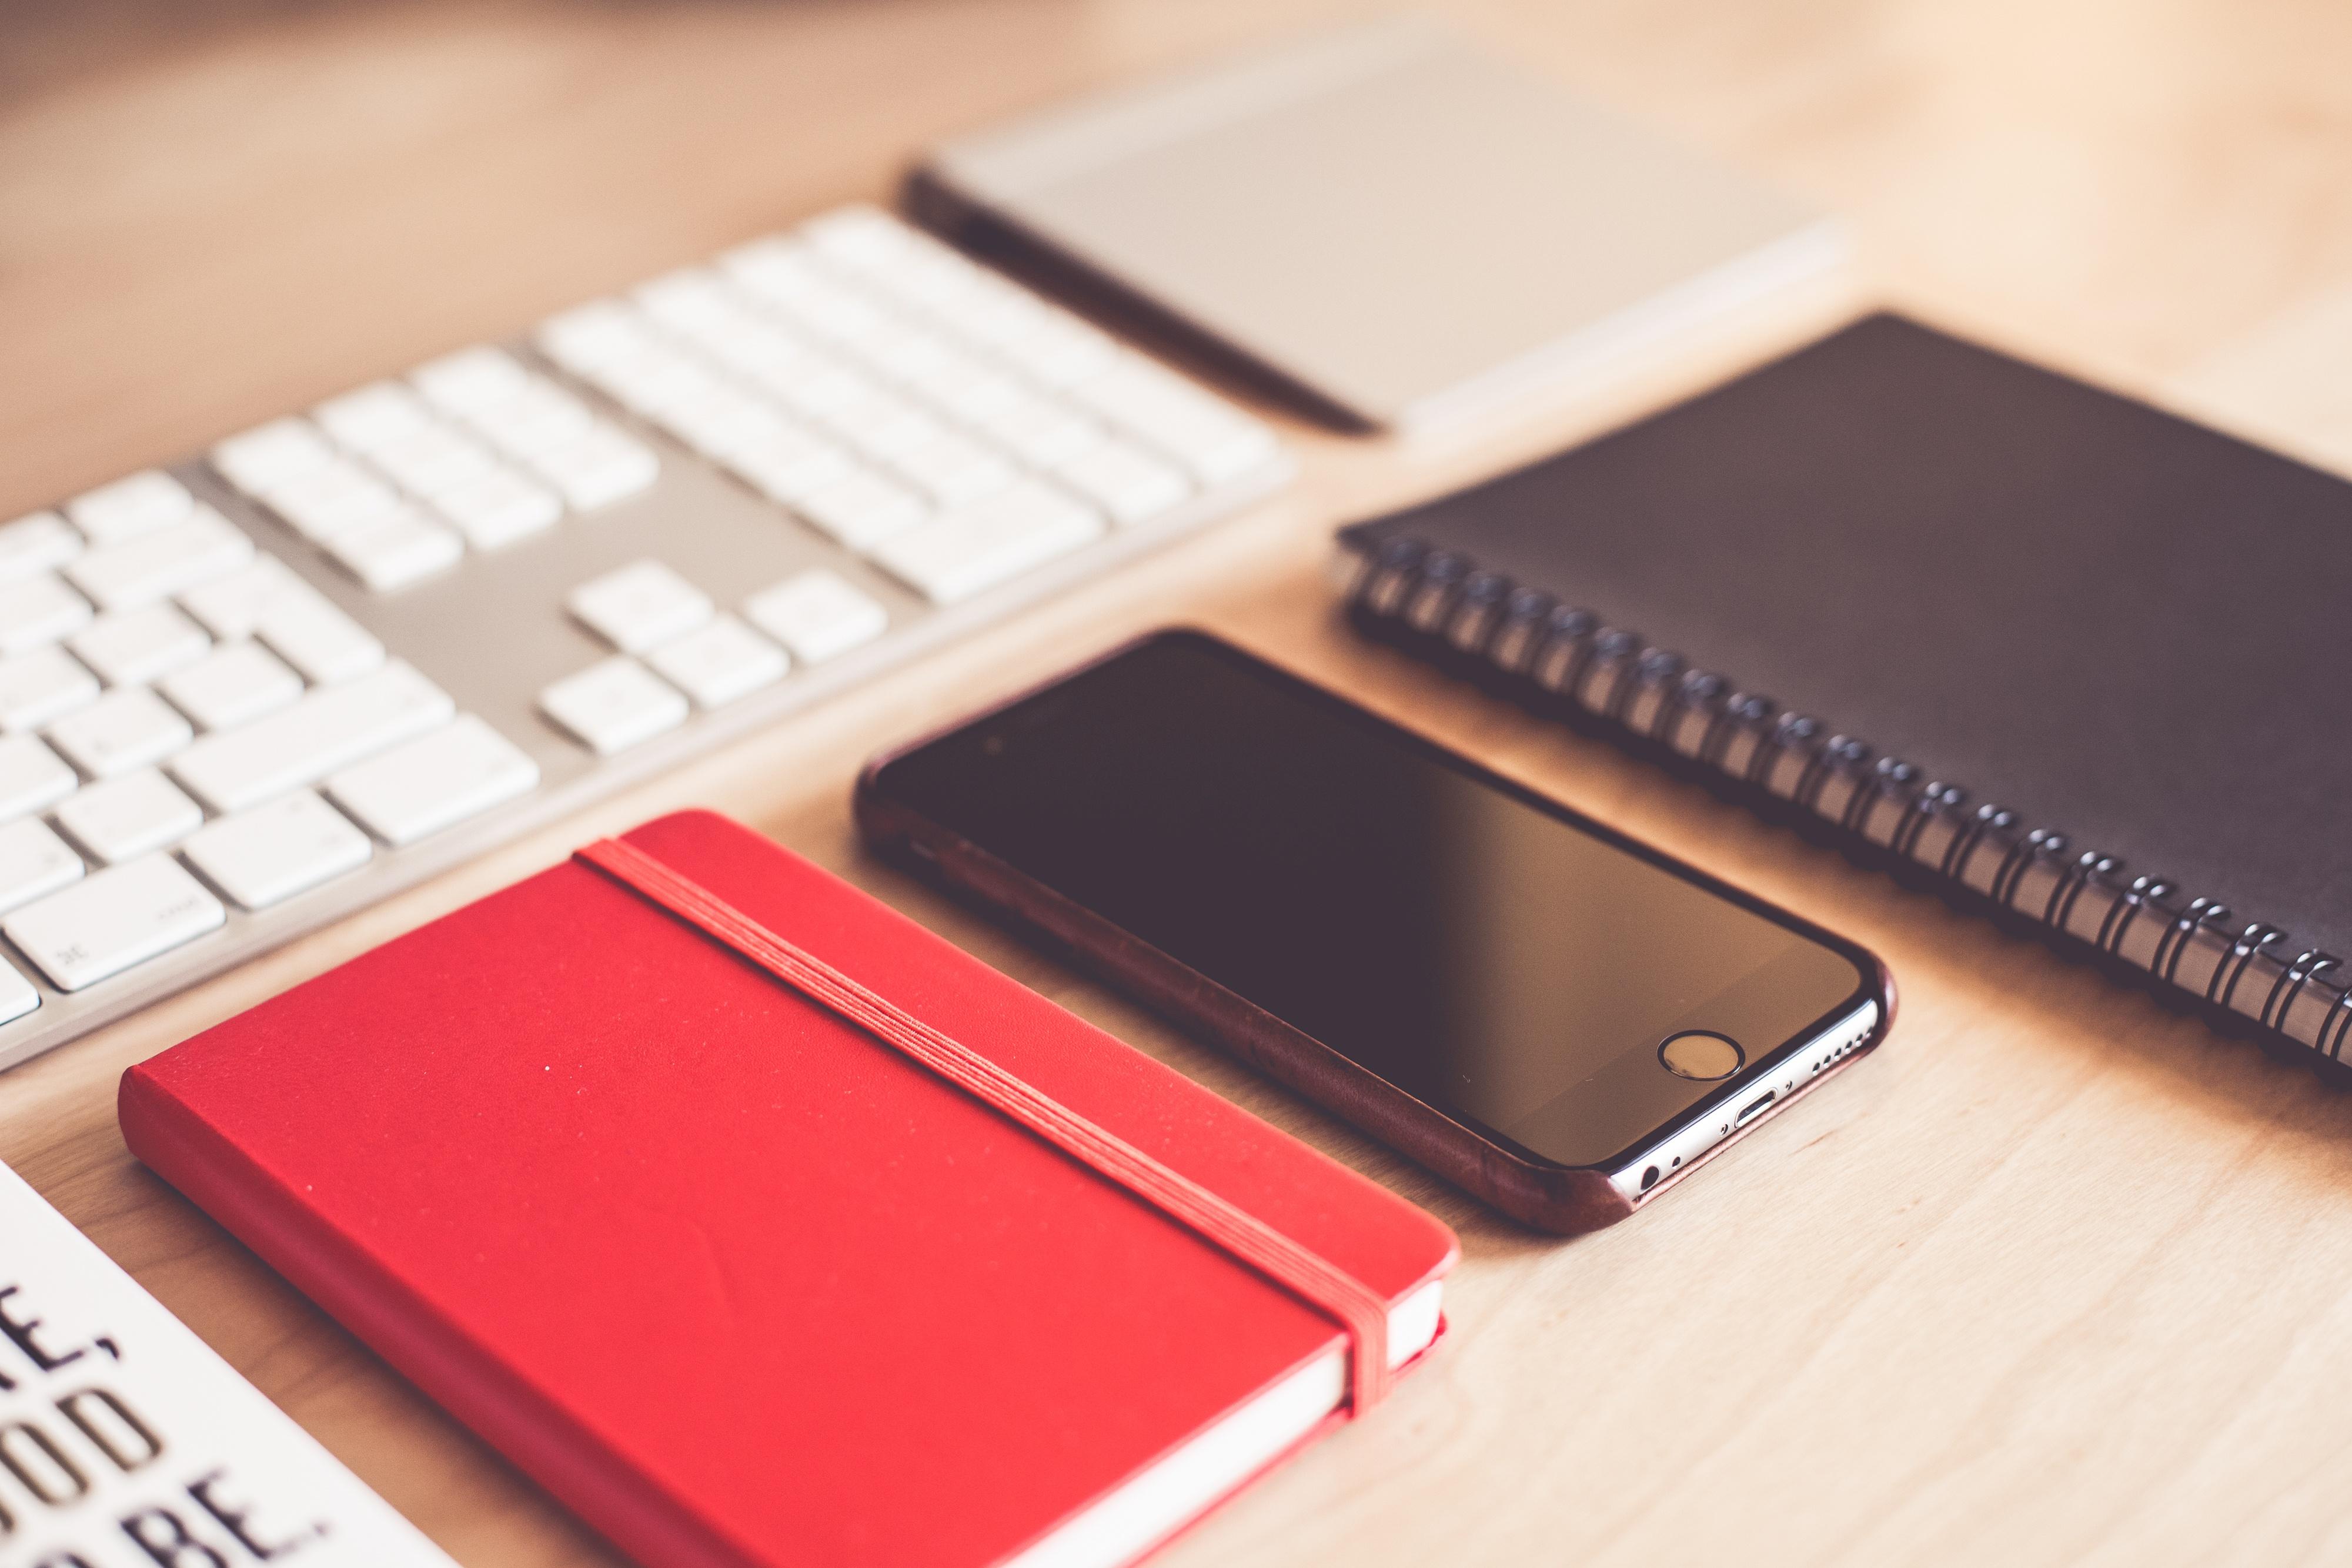 modern-graphic-designer-essentials-picjumbo-com.jpg